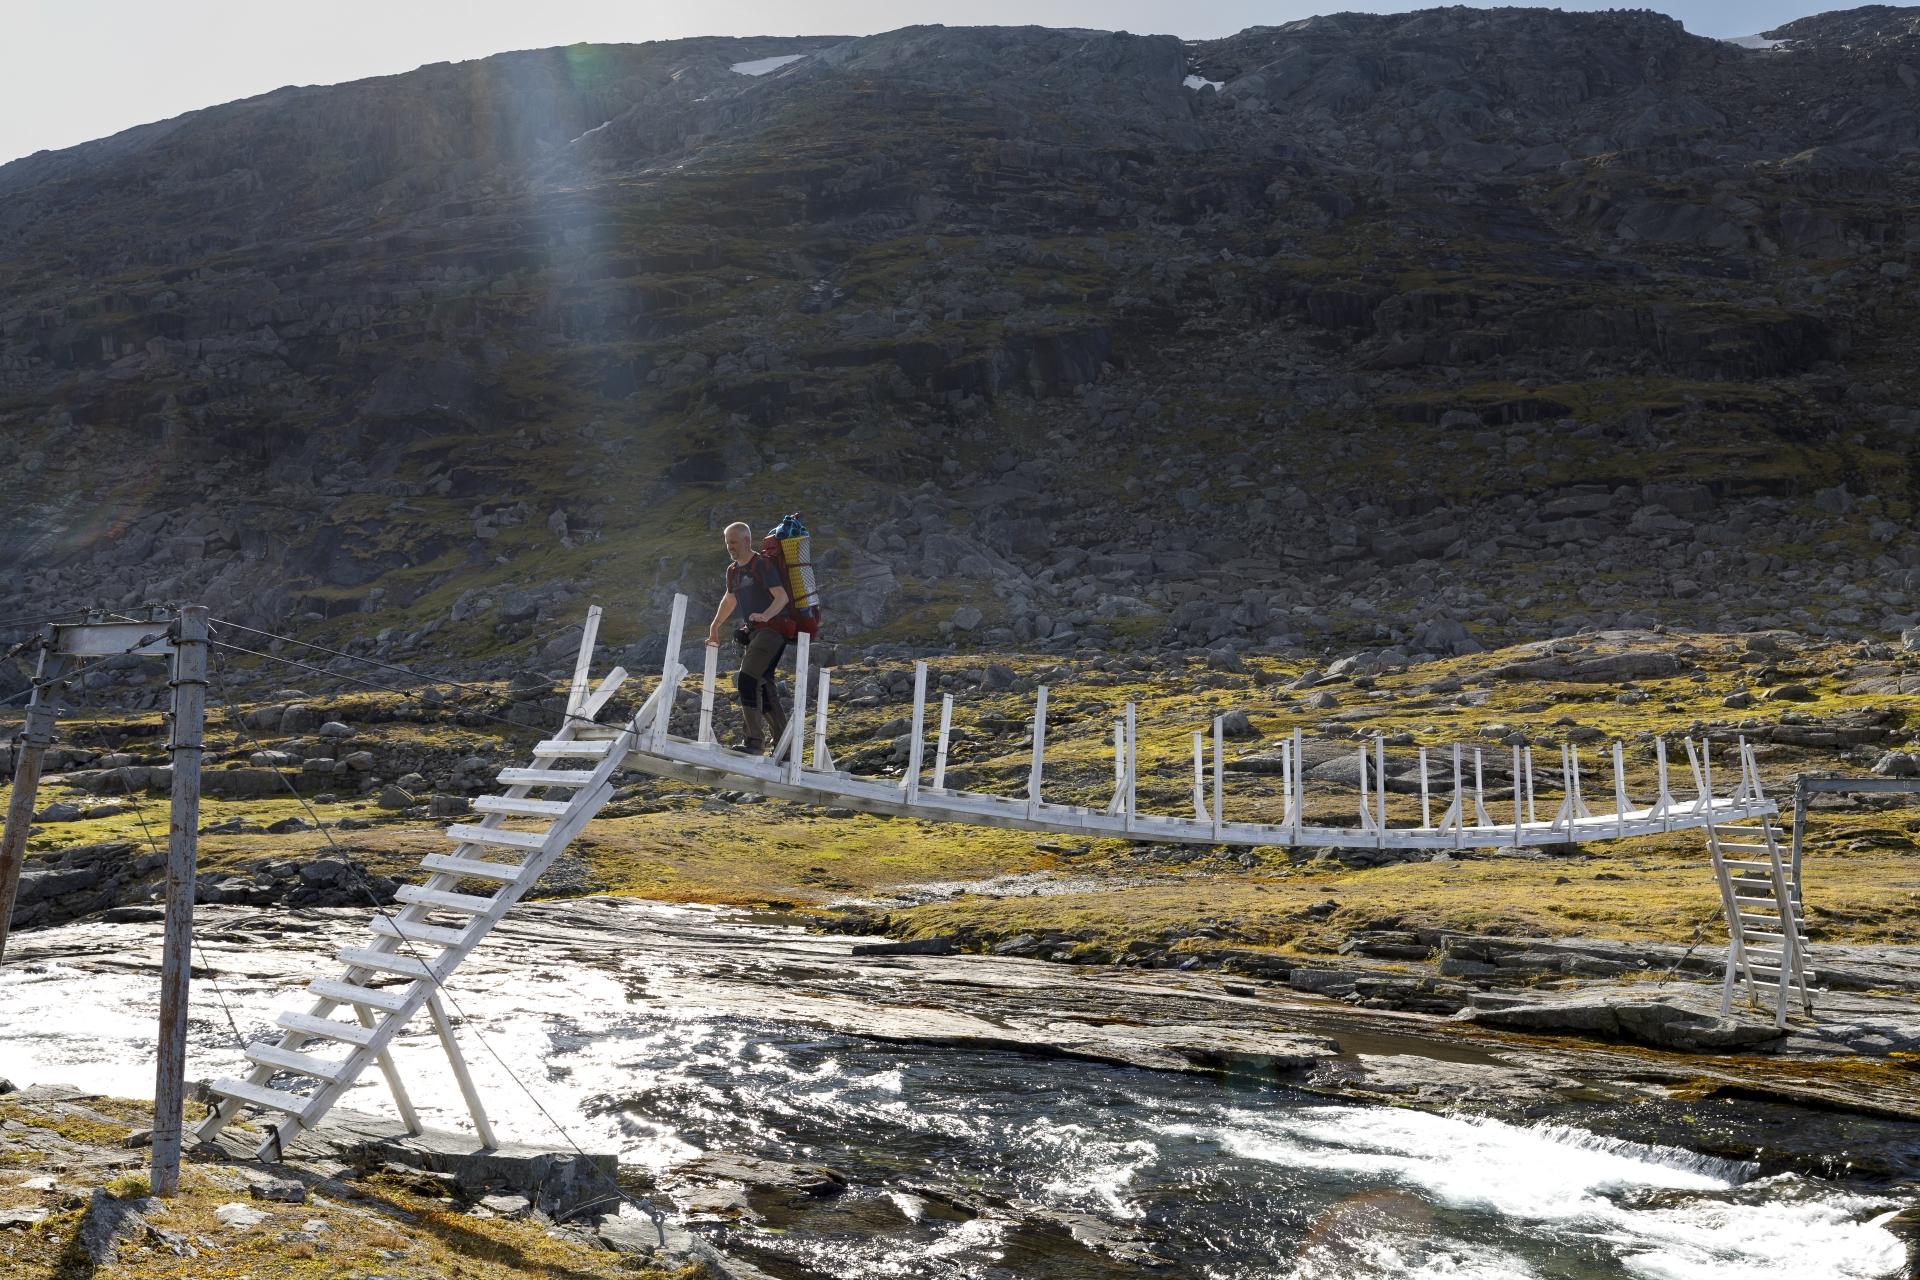 Hängebrücke über den Abfluss des Baugevatnet